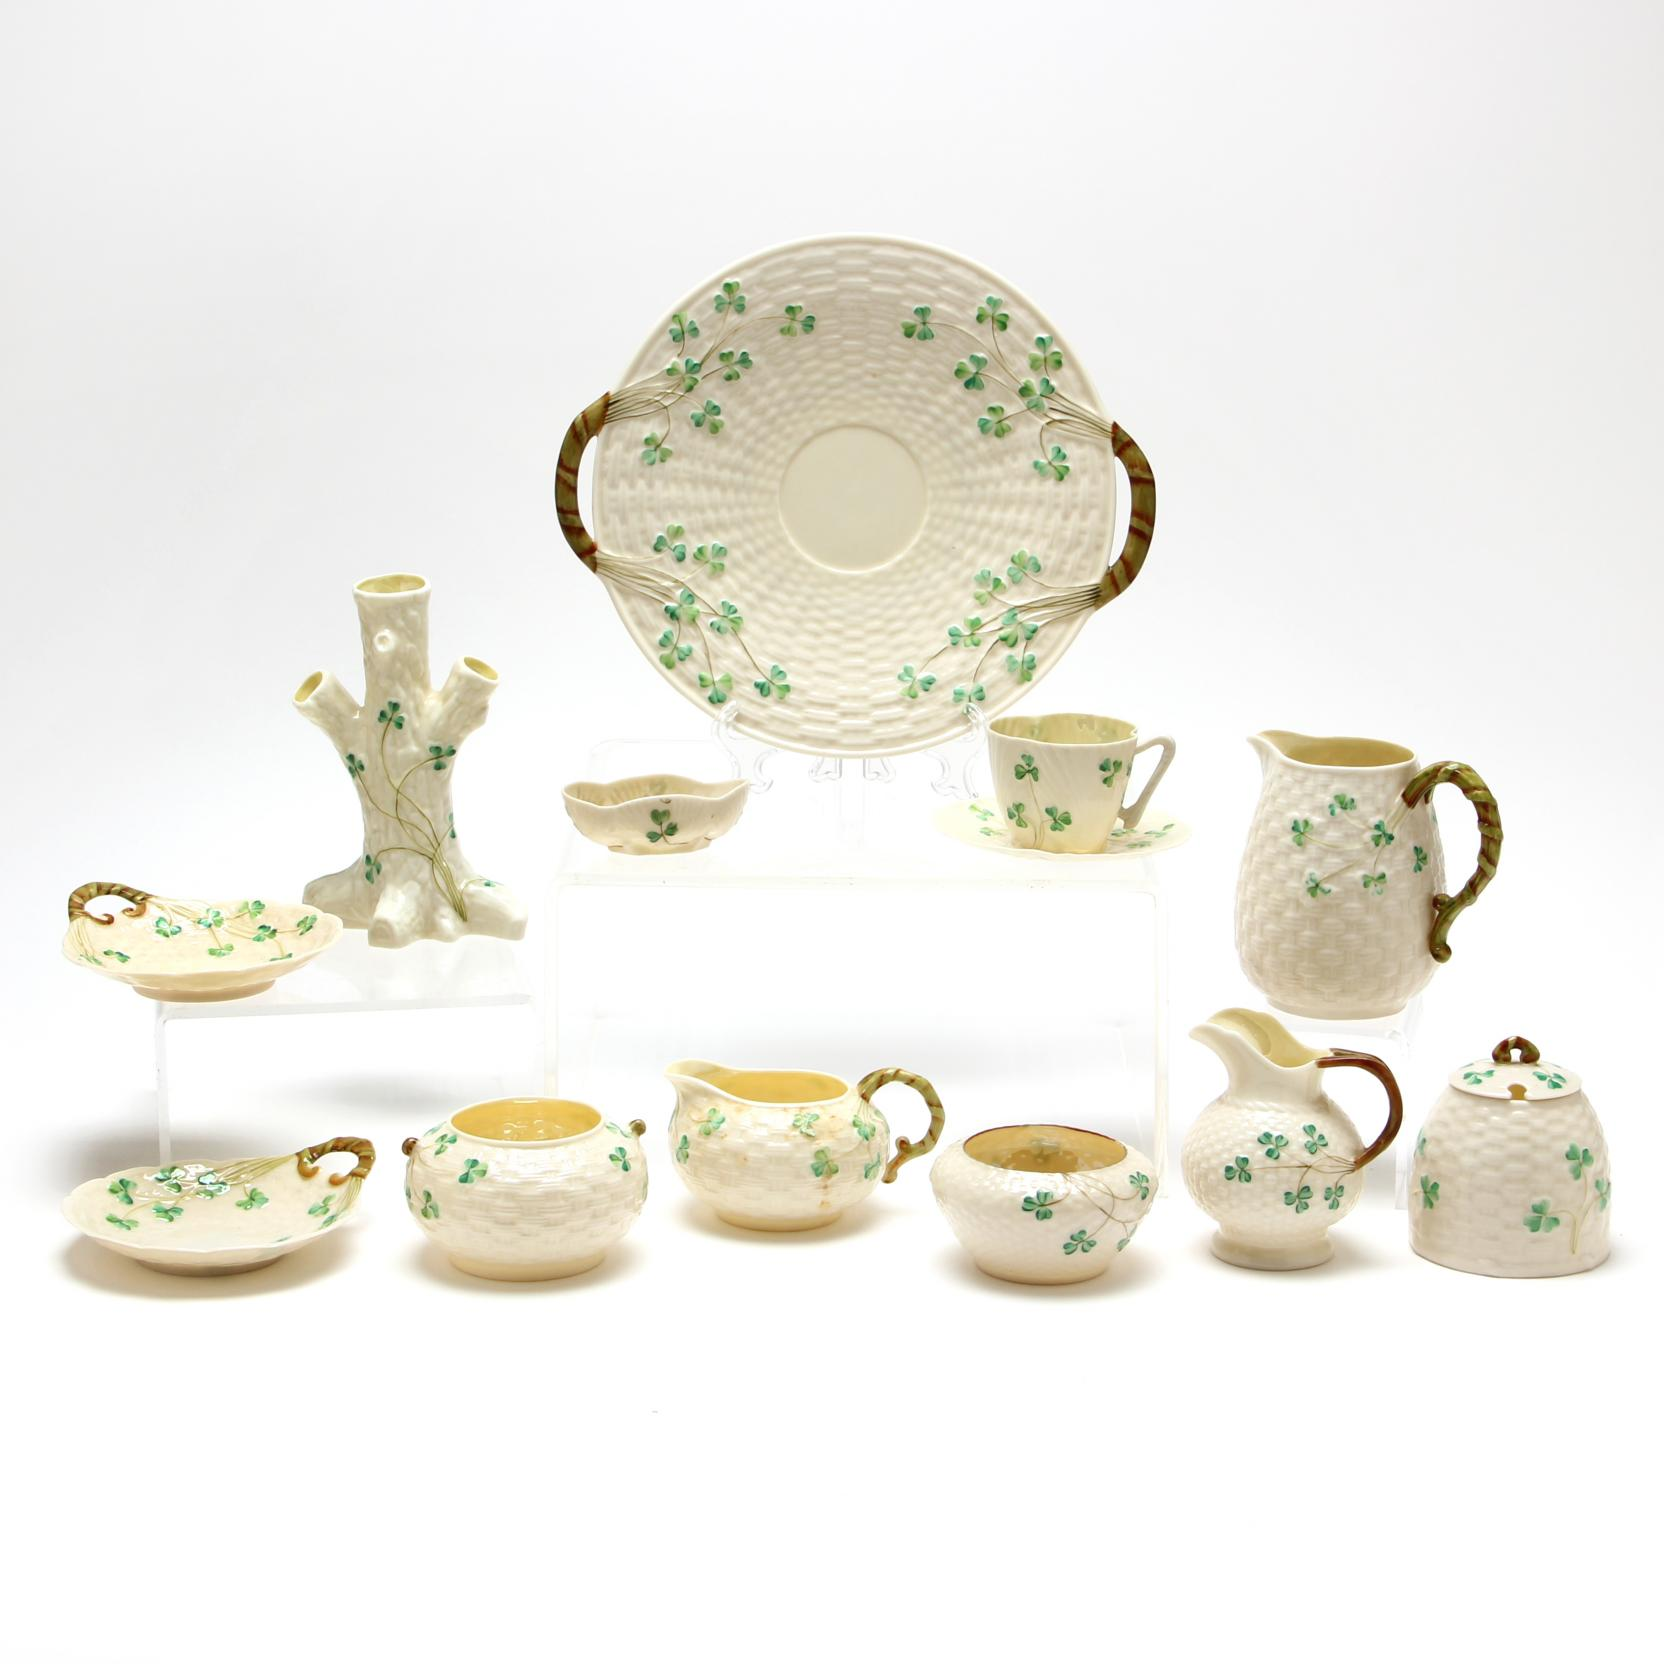 twelve-pieces-of-belleek-clover-decorated-porcelain